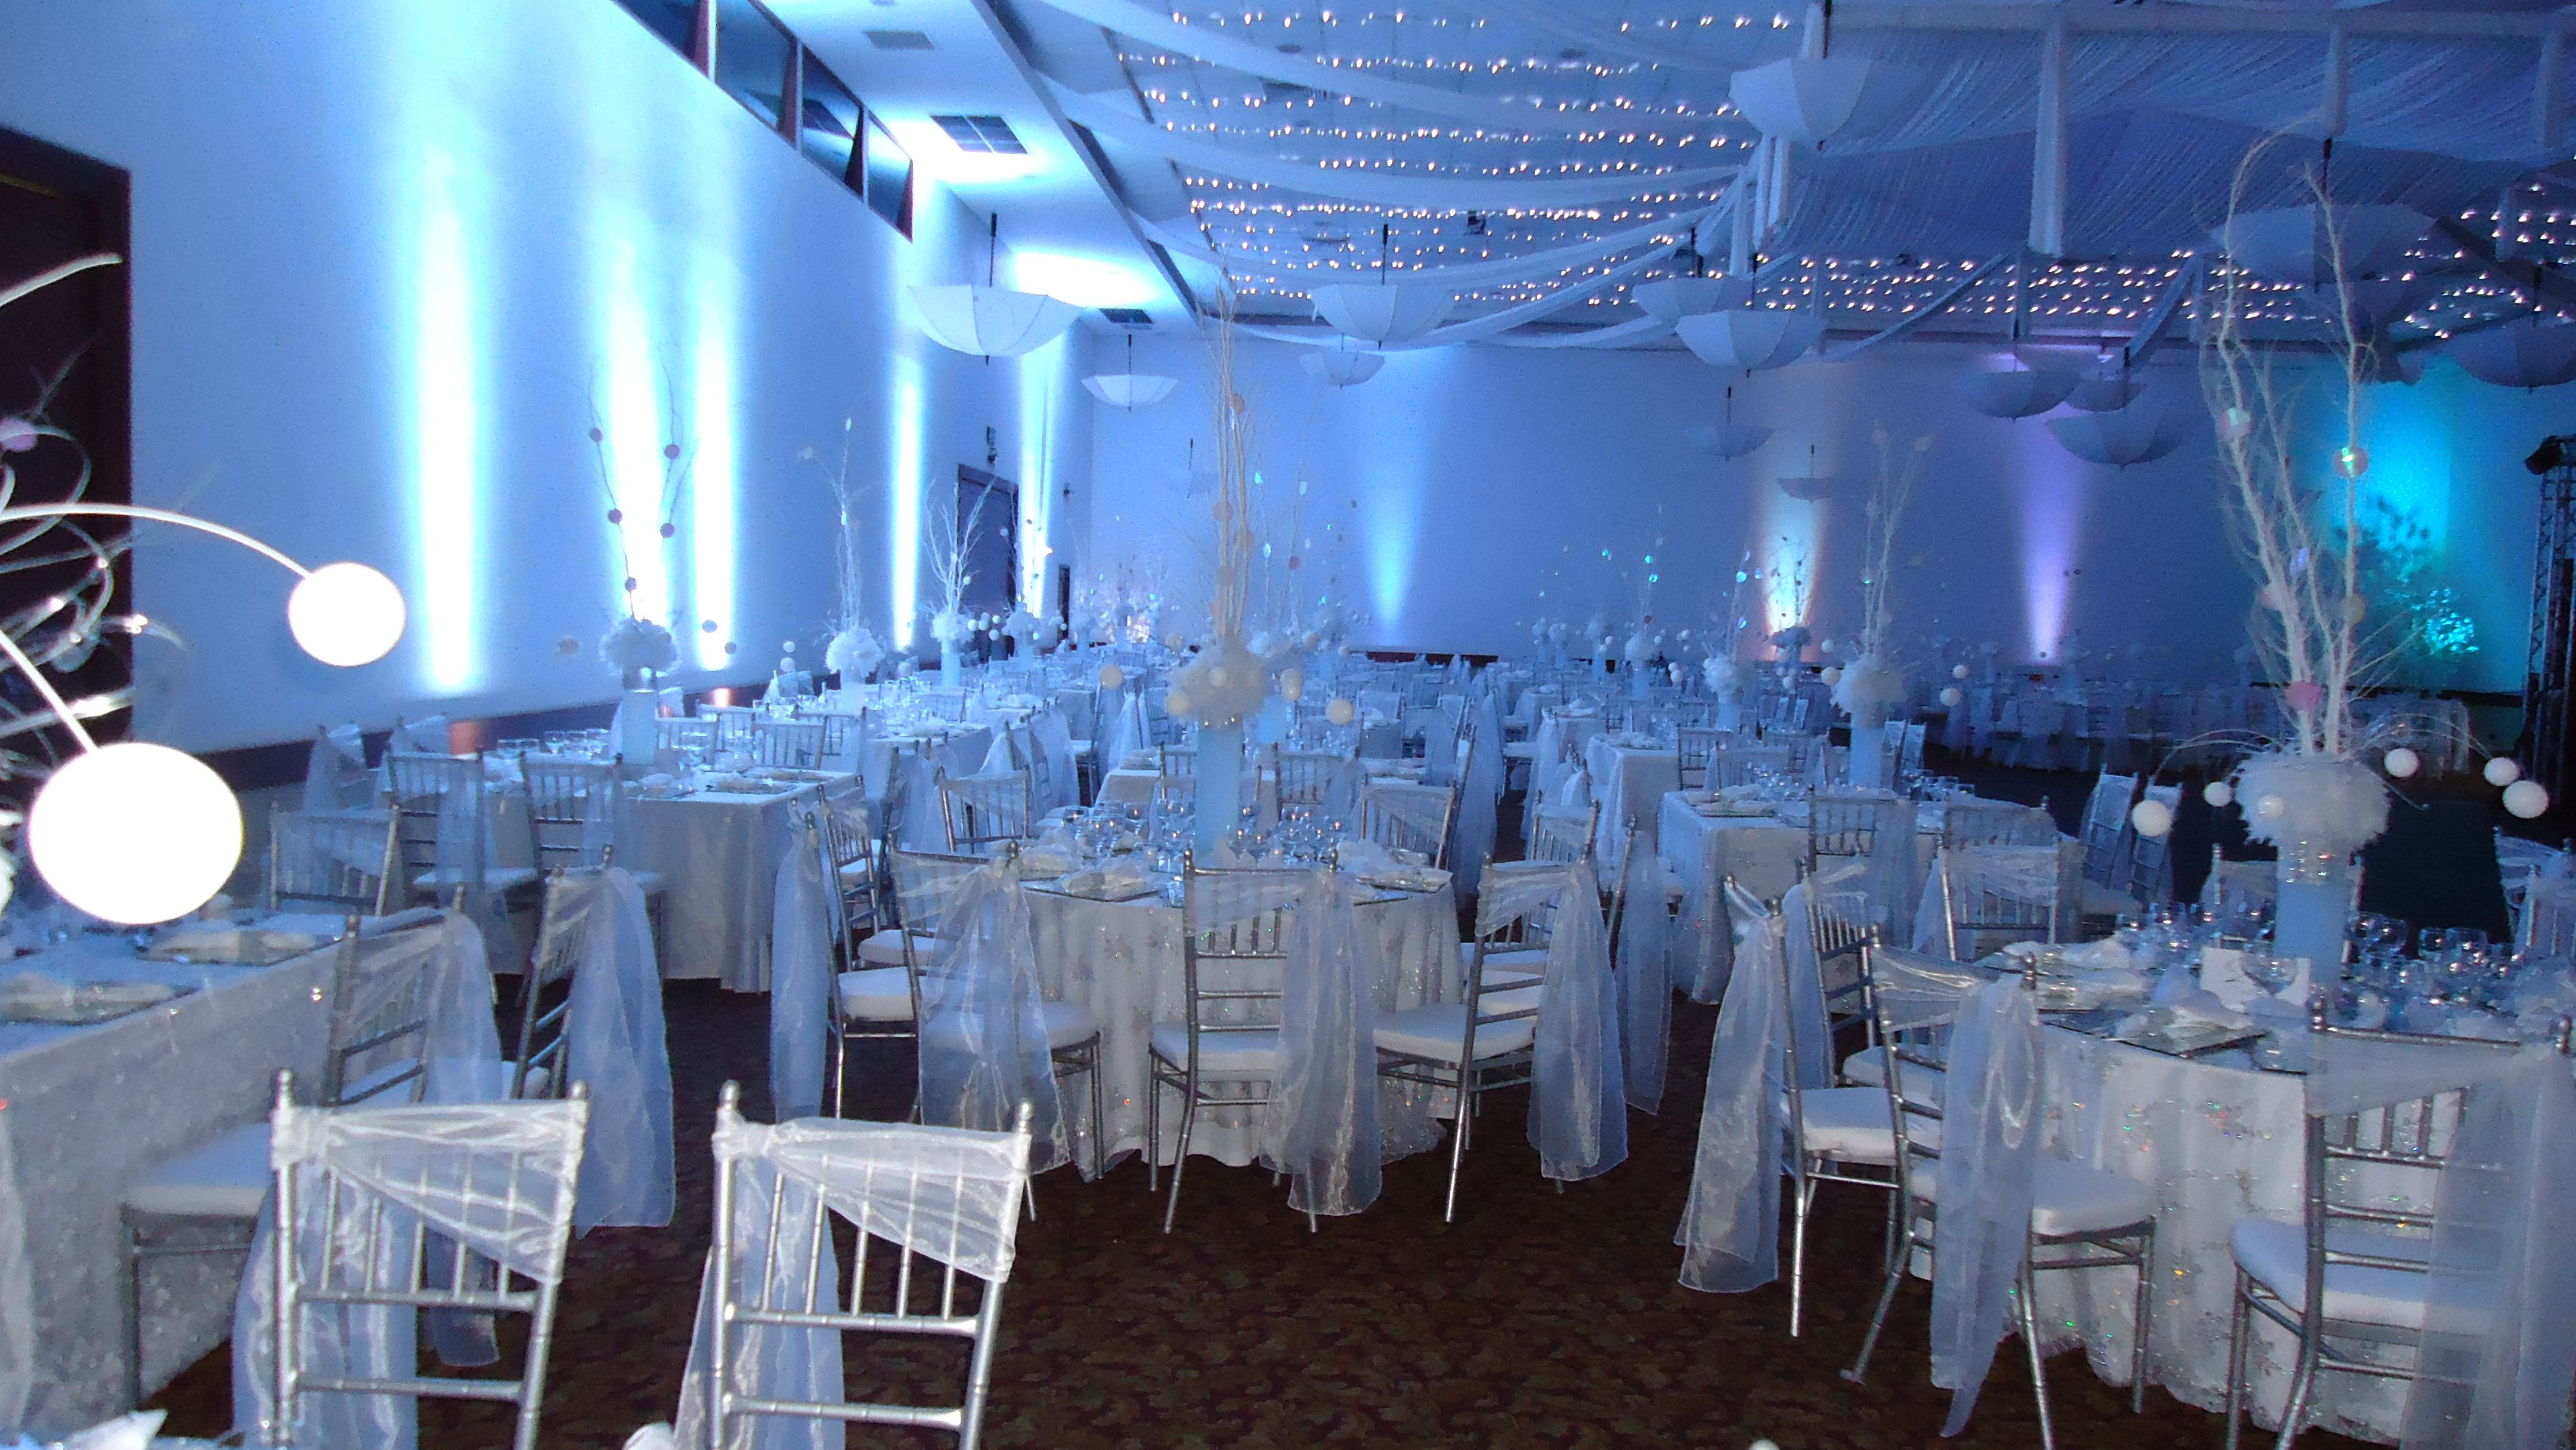 Salon decorado con telas luces led y sombrillas fiesta - Luces para salon ...